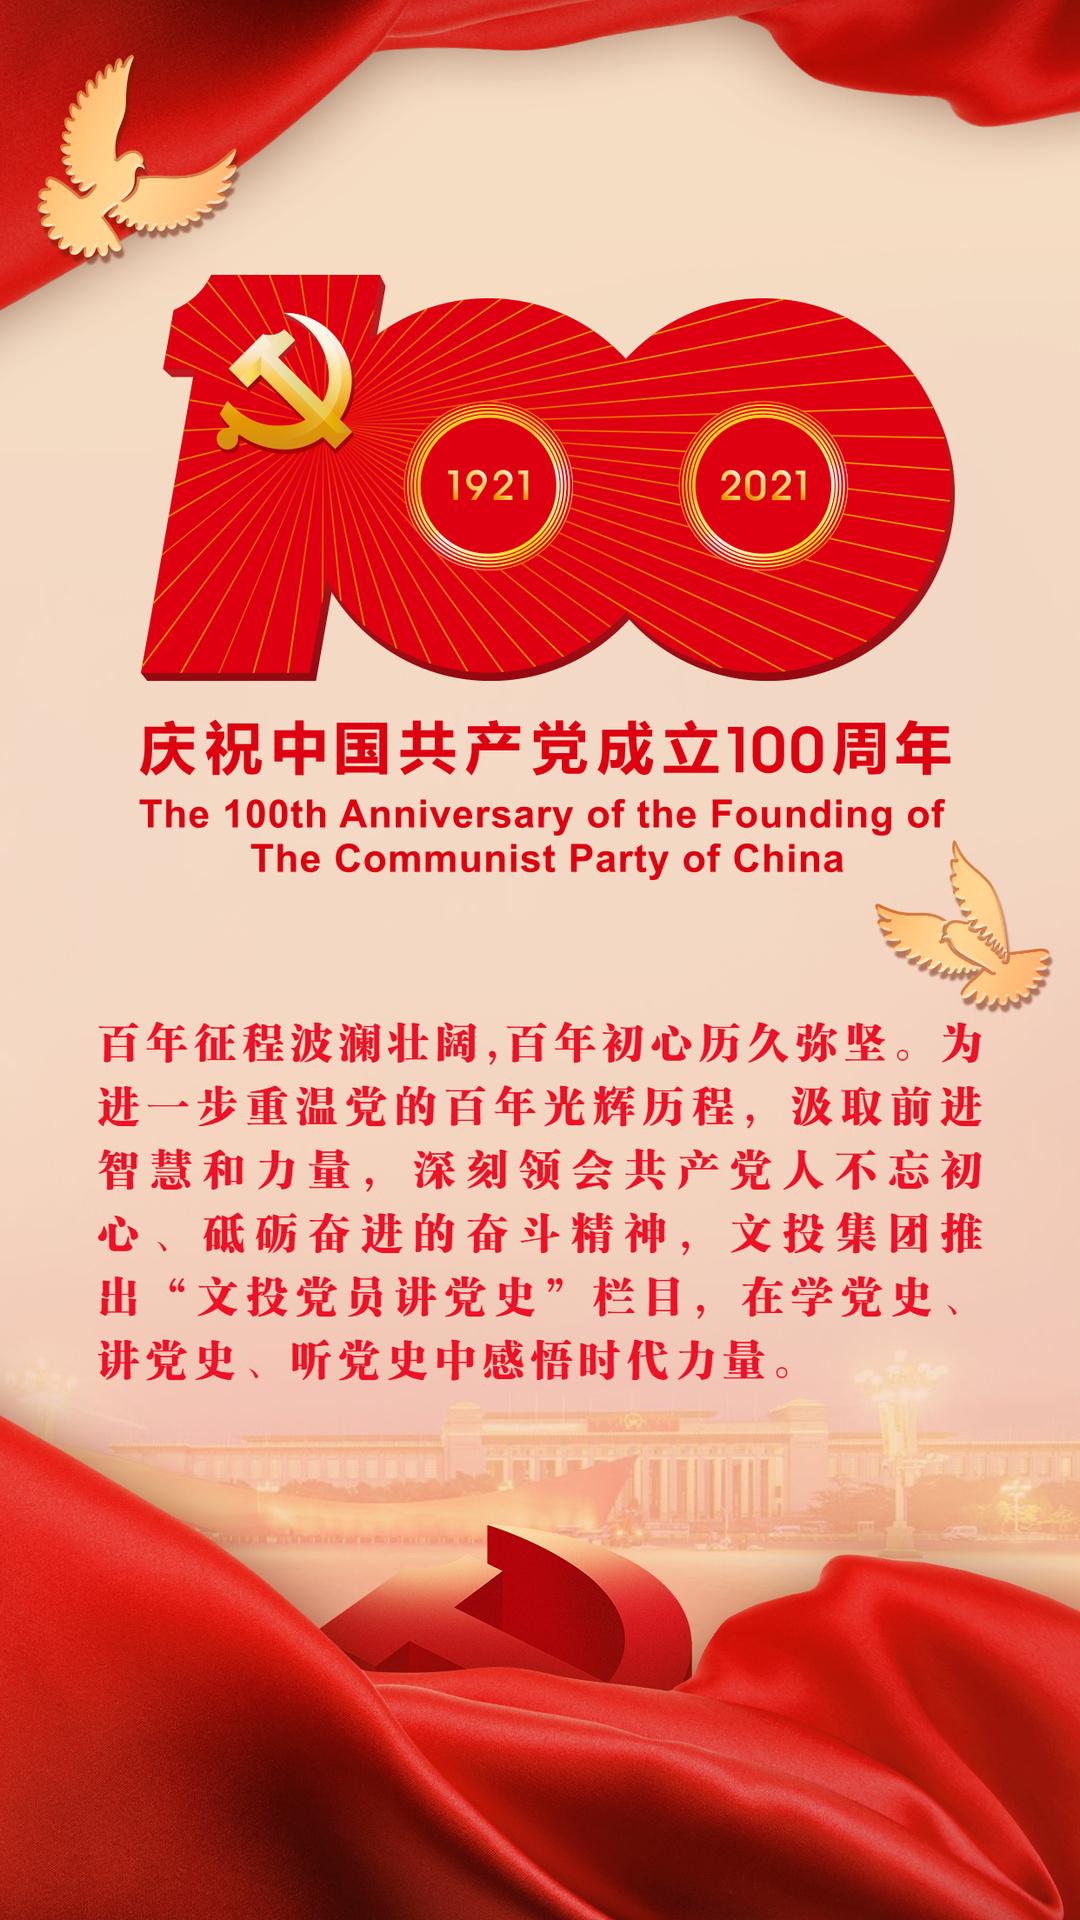 建党100周年手机海报.jpg